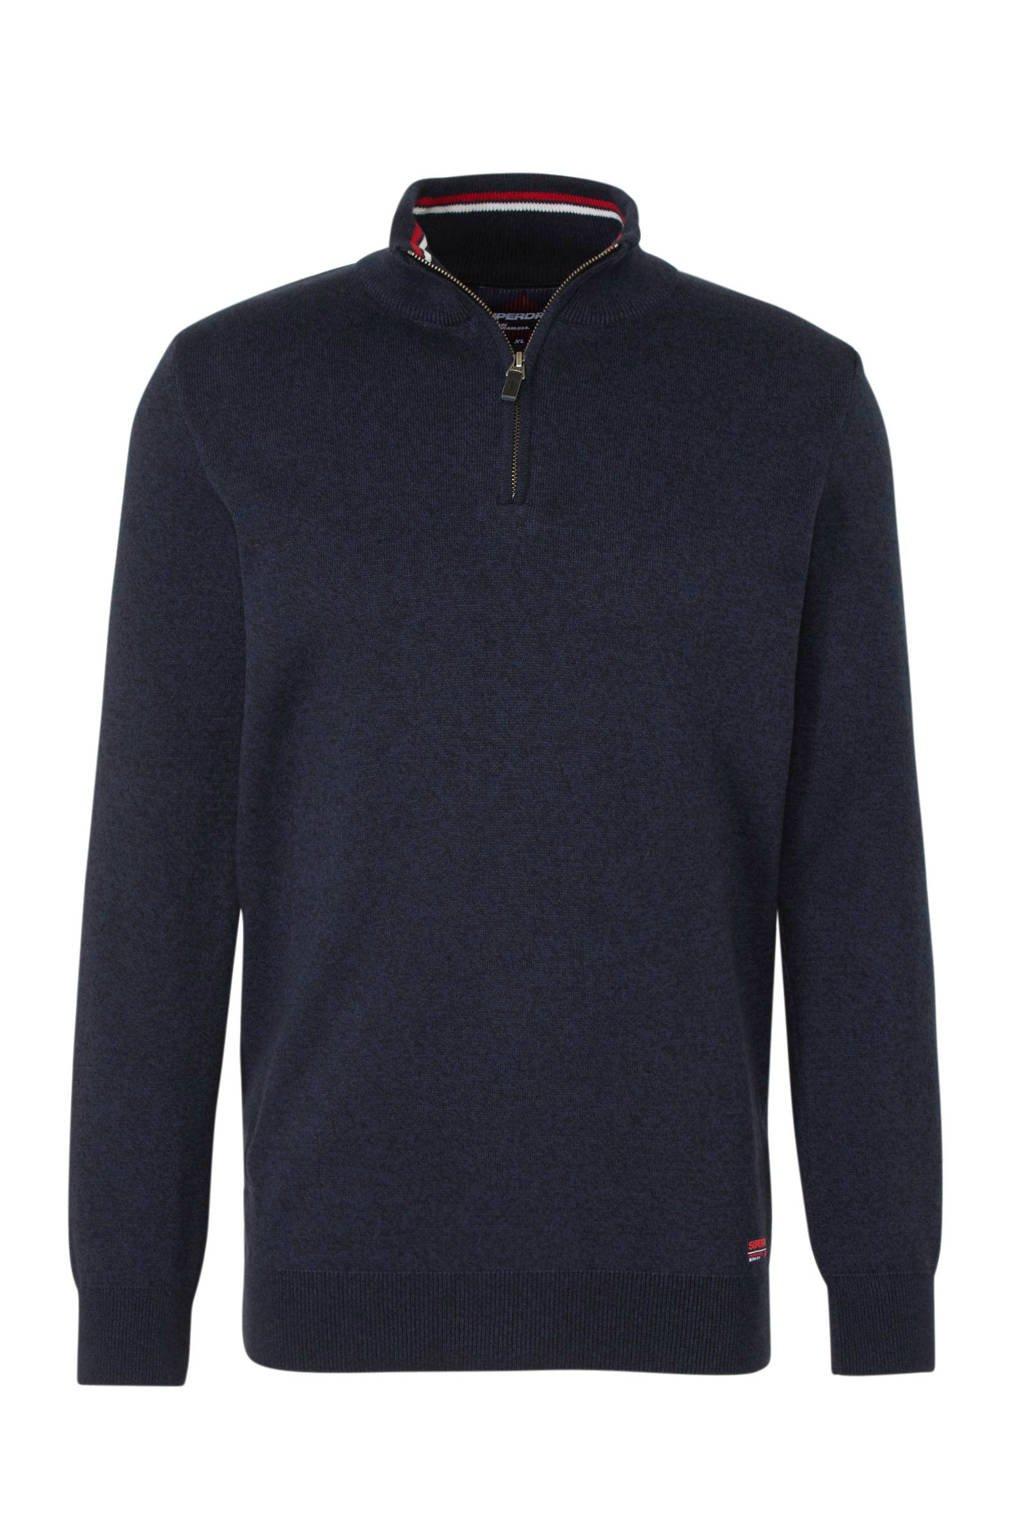 Superdry gemêleerde trui donkerblauw, Donkerblauw